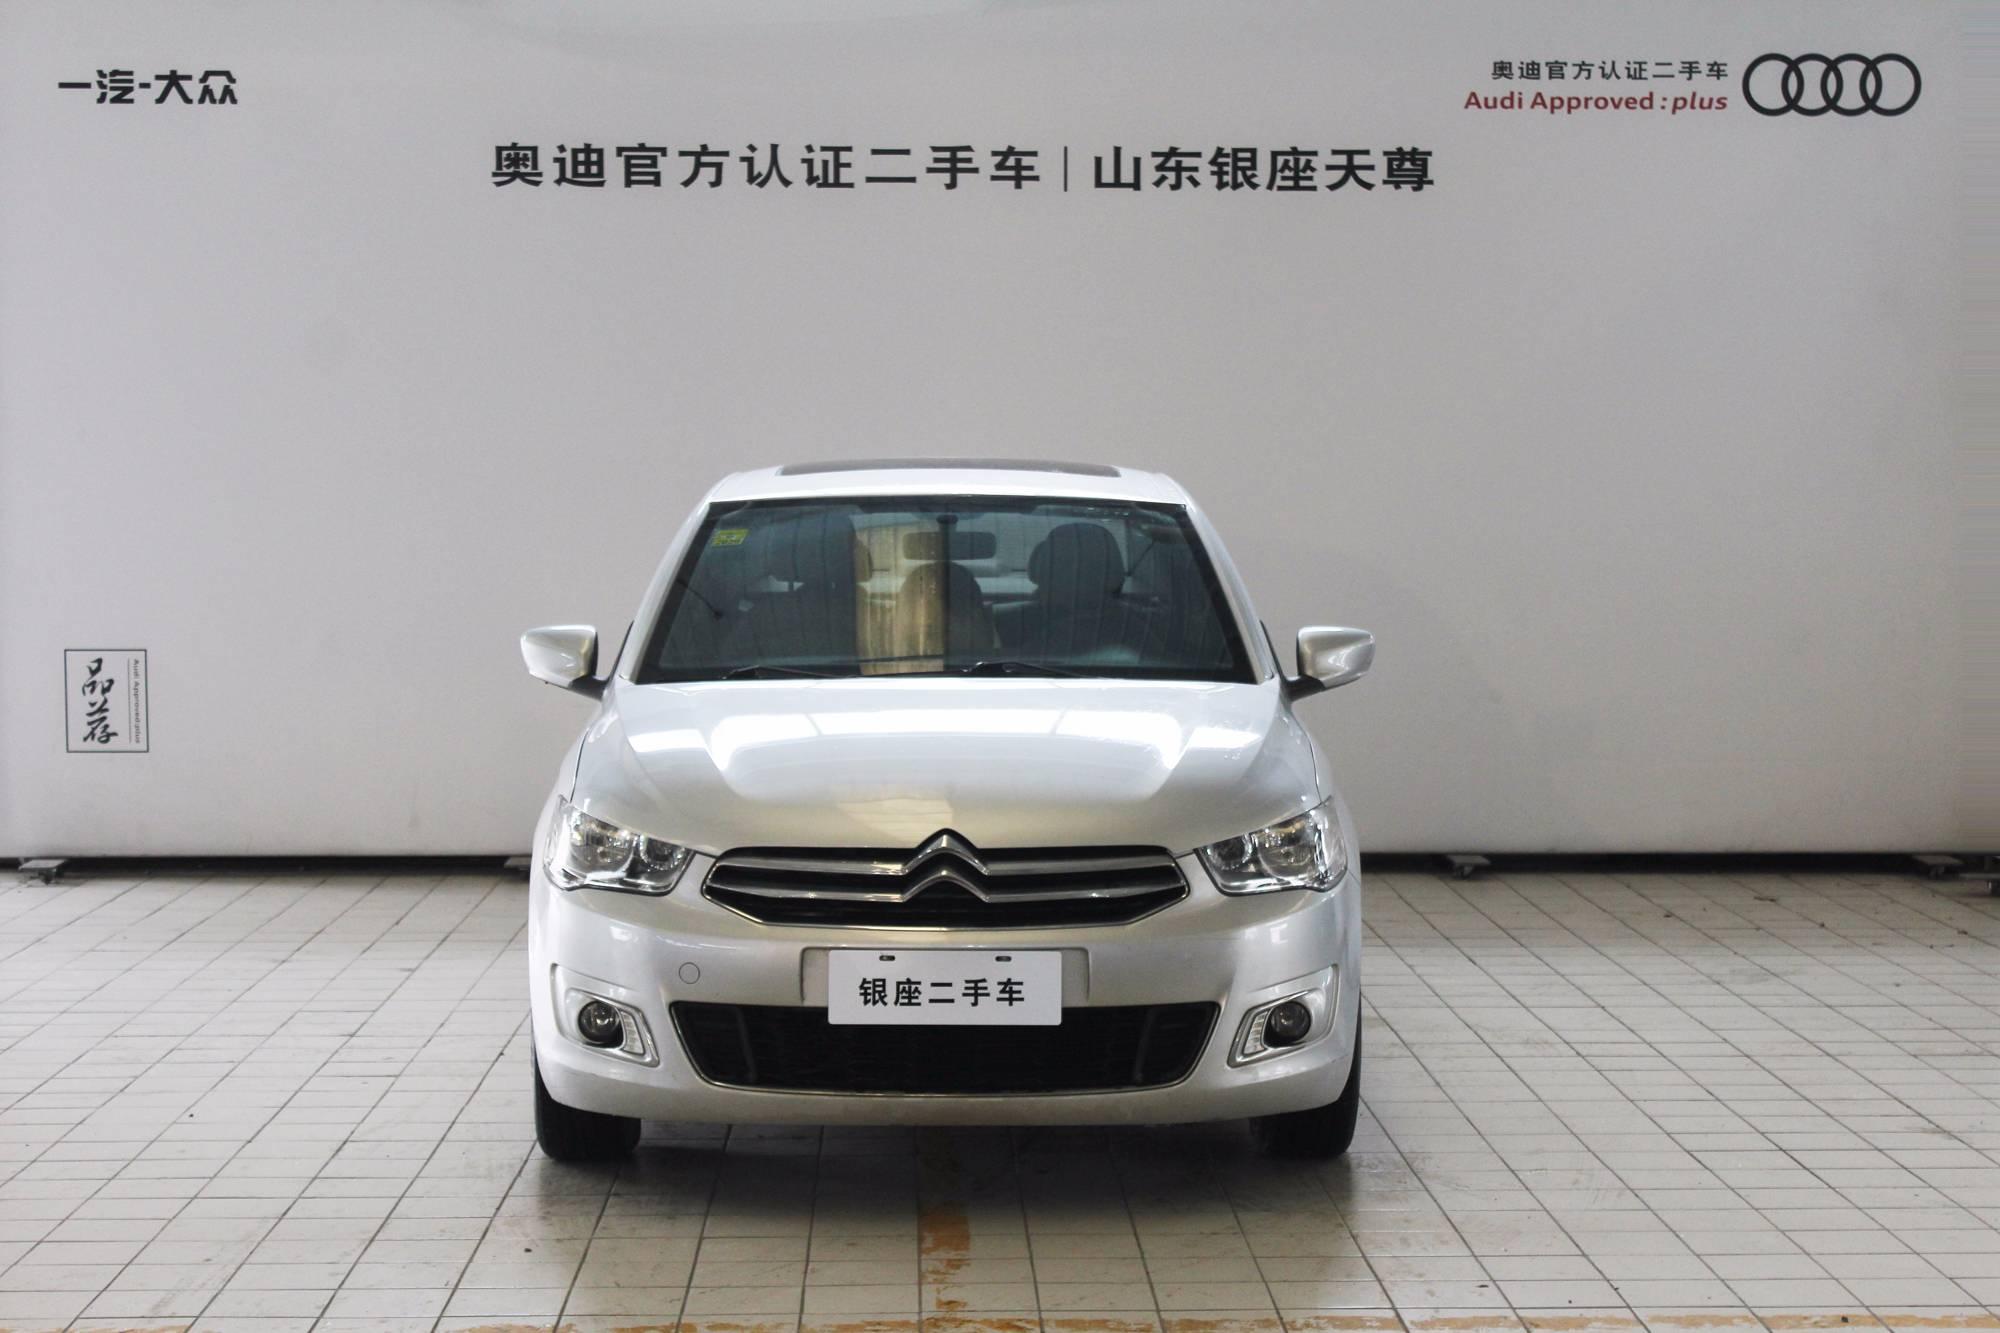 2014款  爱丽舍  1.6L 手动时尚型天窗版CNG